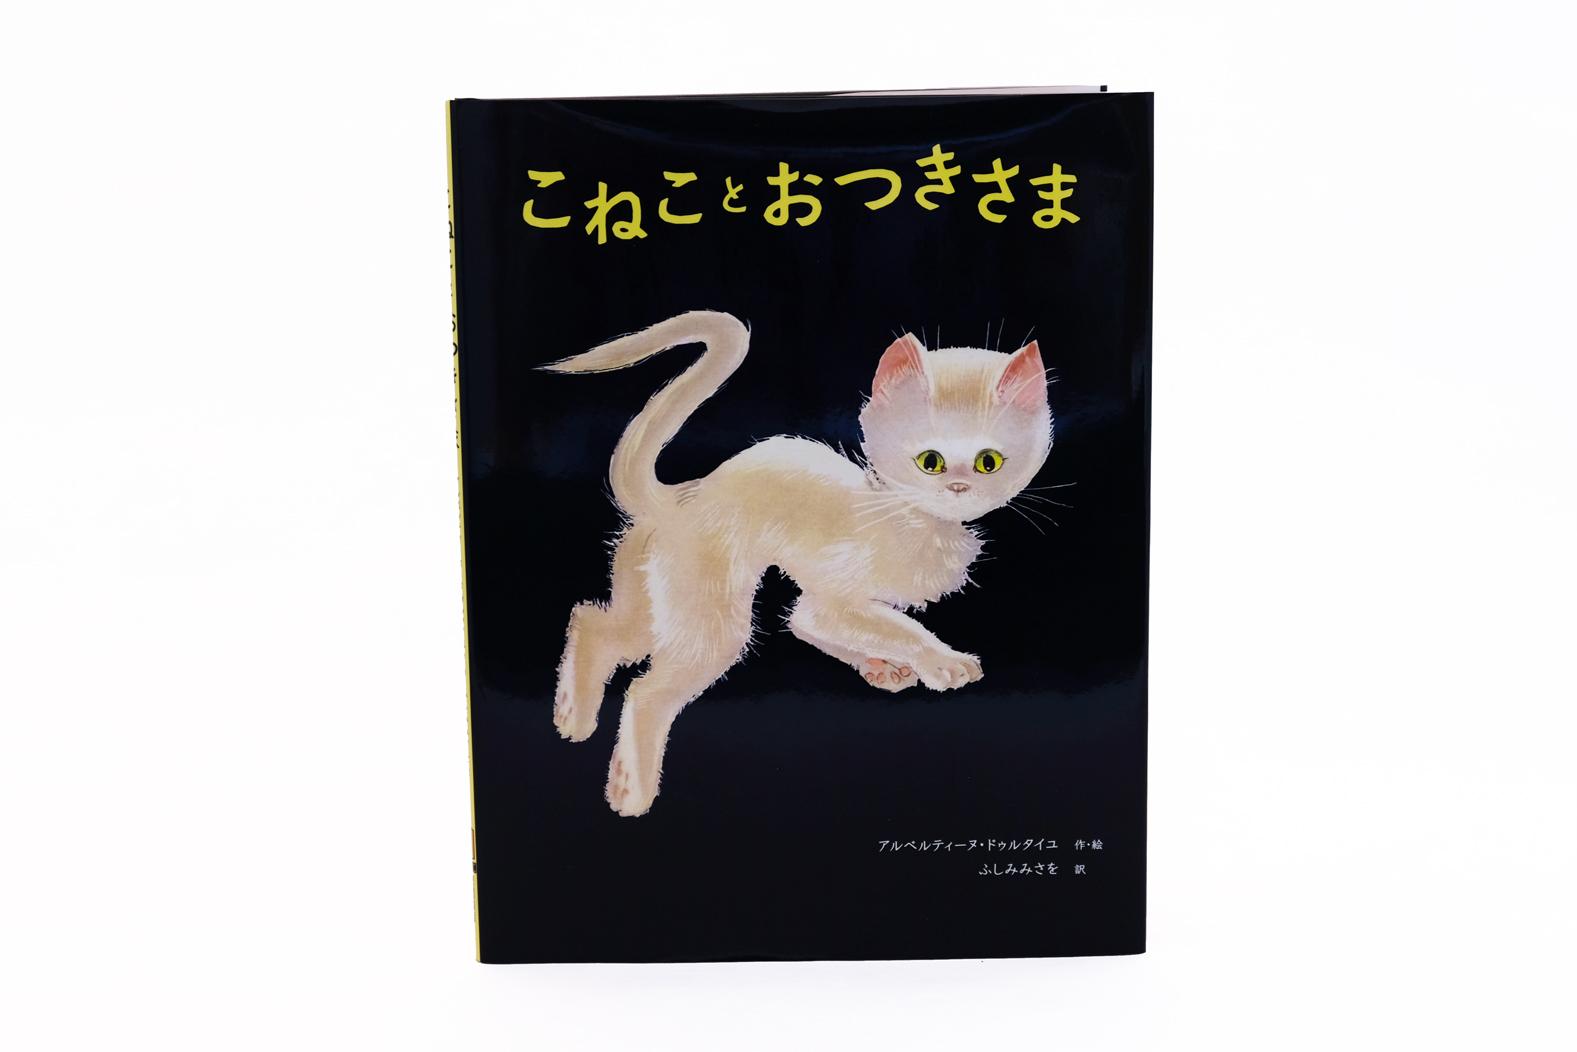 こねことおつきさま_カバー.jpg